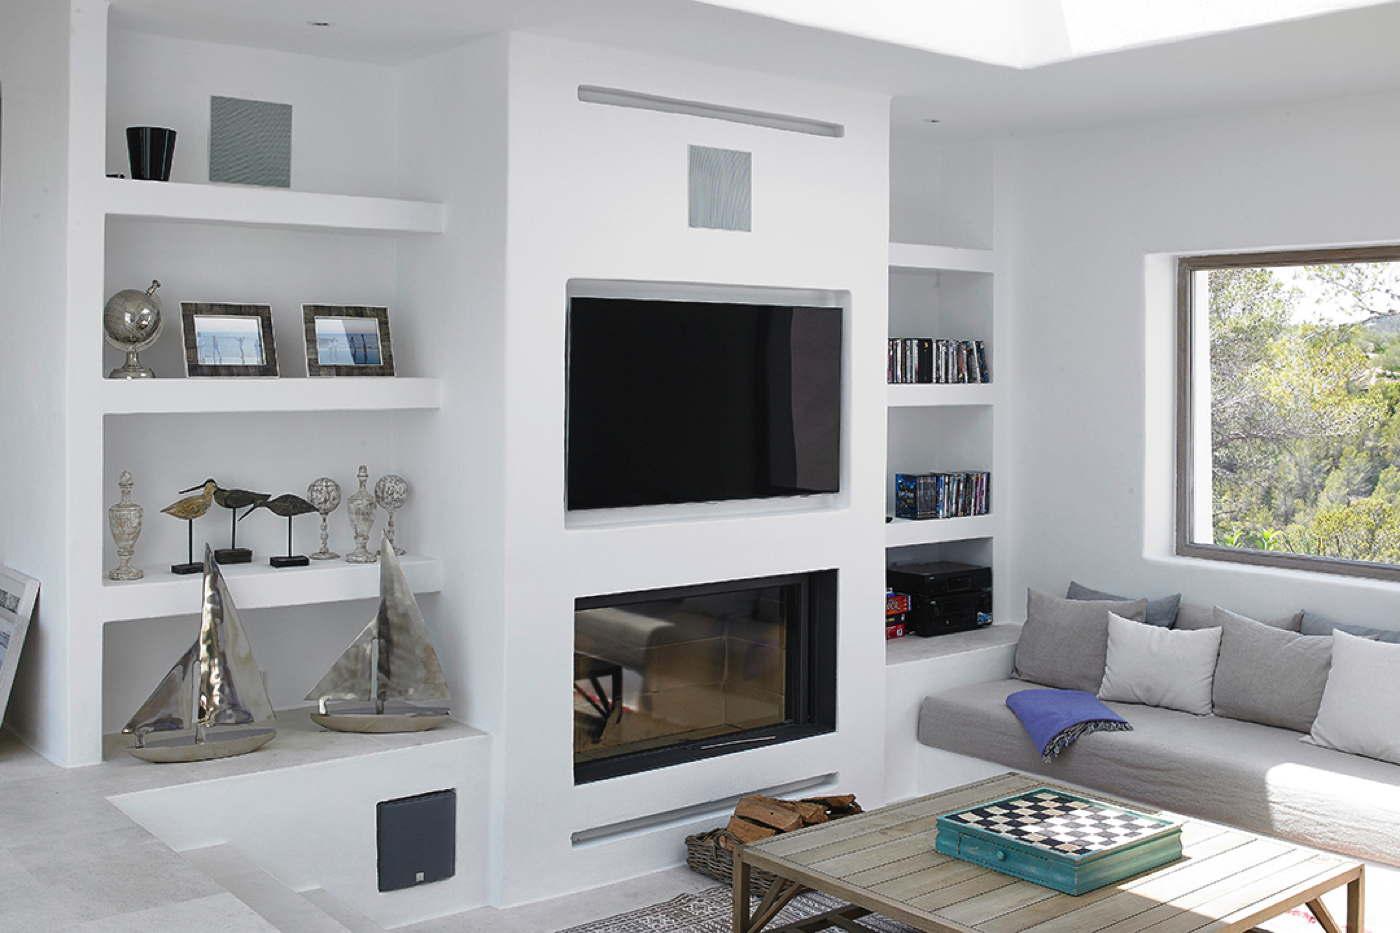 Luxusvilla designvilla auf ibiza mieten bei domizile reisen - Muebles de salon con chimenea integrada ...